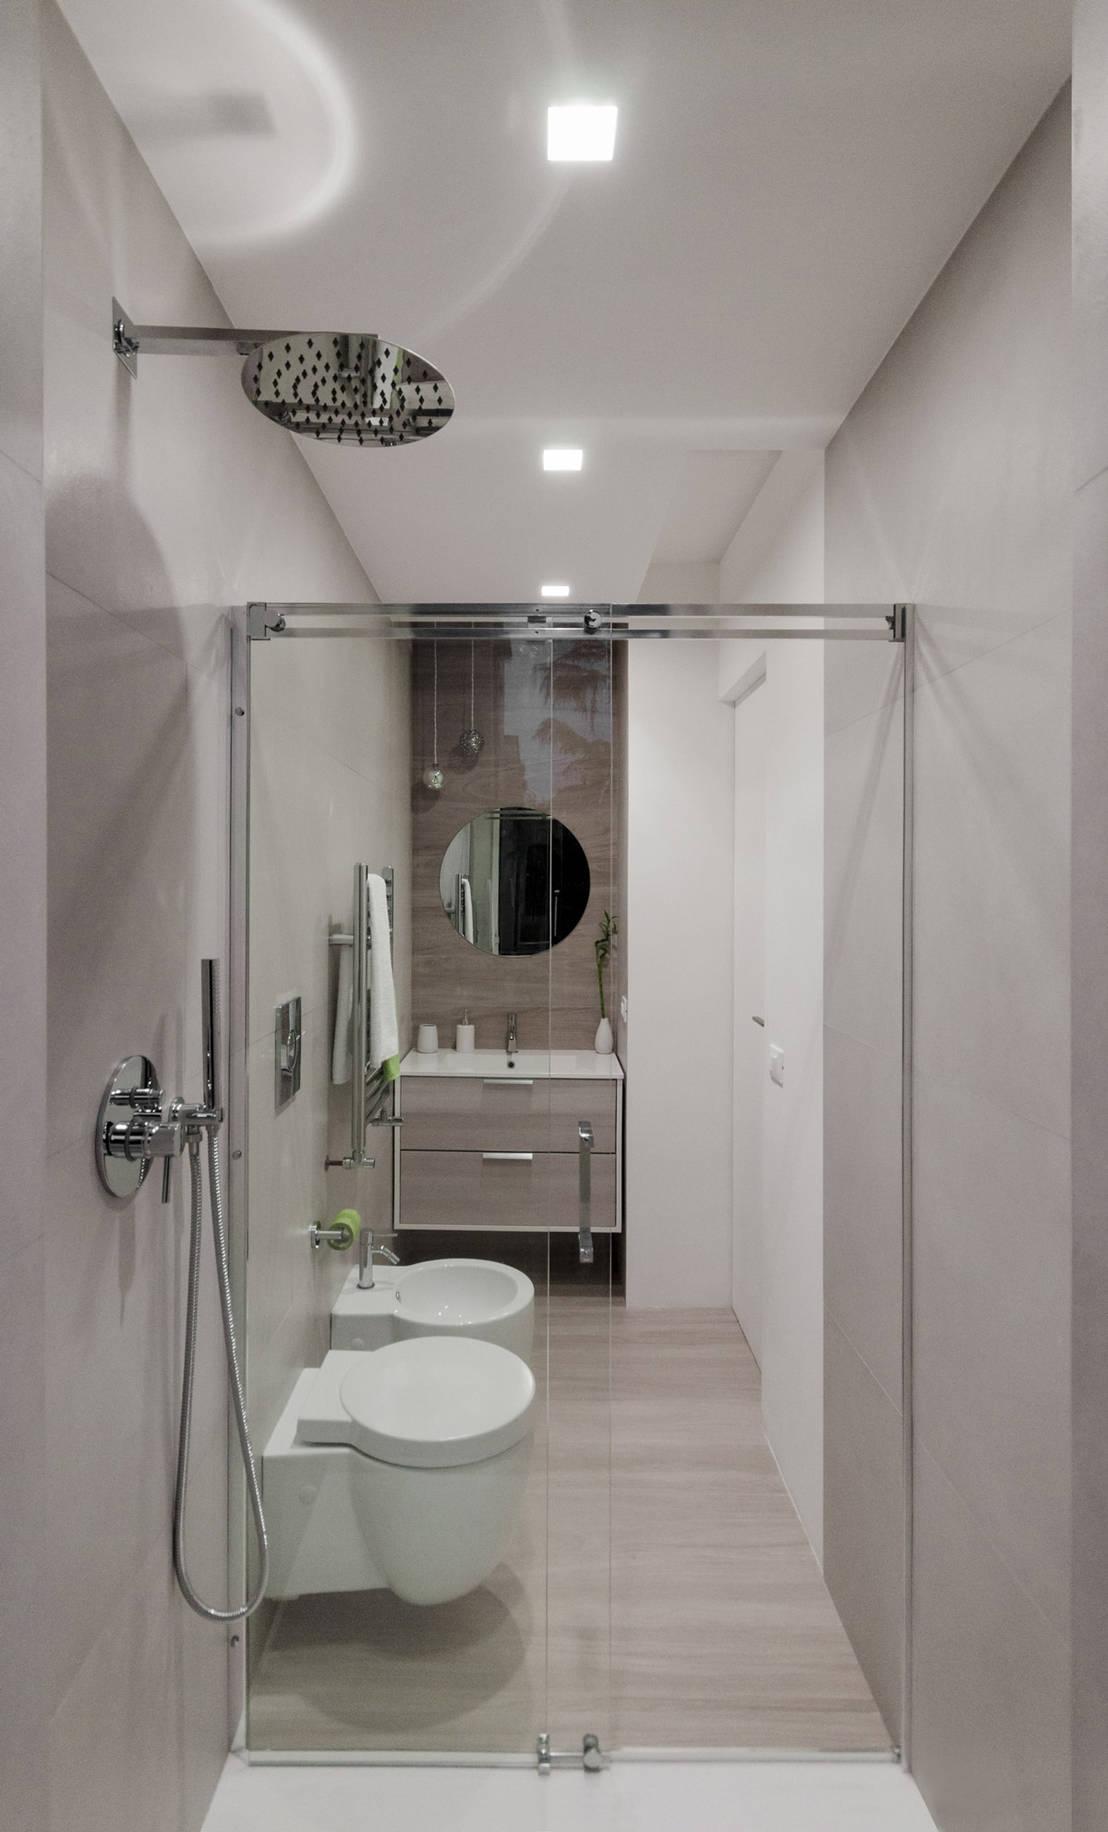 Bagno piccolo rettangolare di minimarchitetti for Arredamento per bagno piccolo